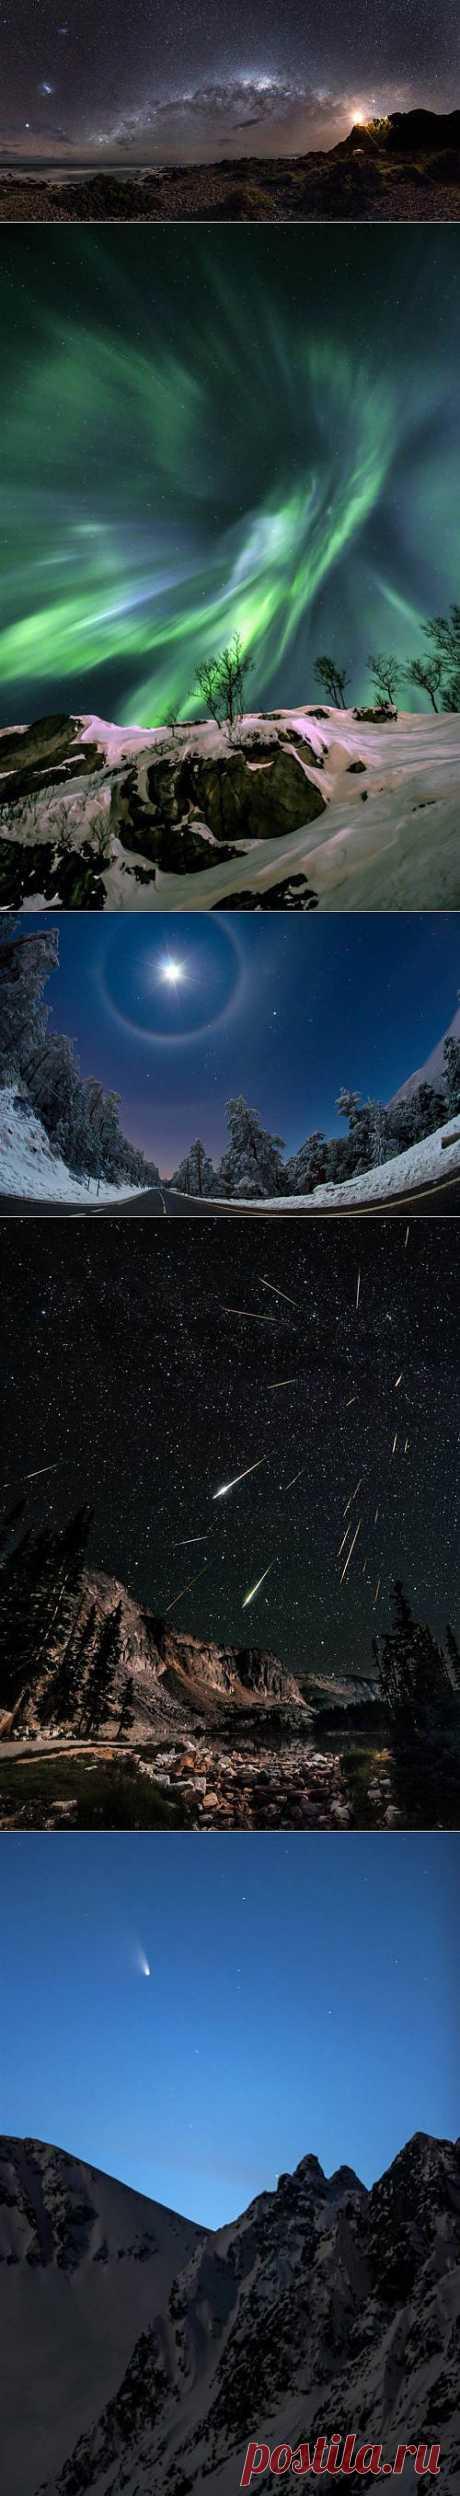 Лучшие работы конкурса астрономической фотографии Astronomy Photographer of the Year